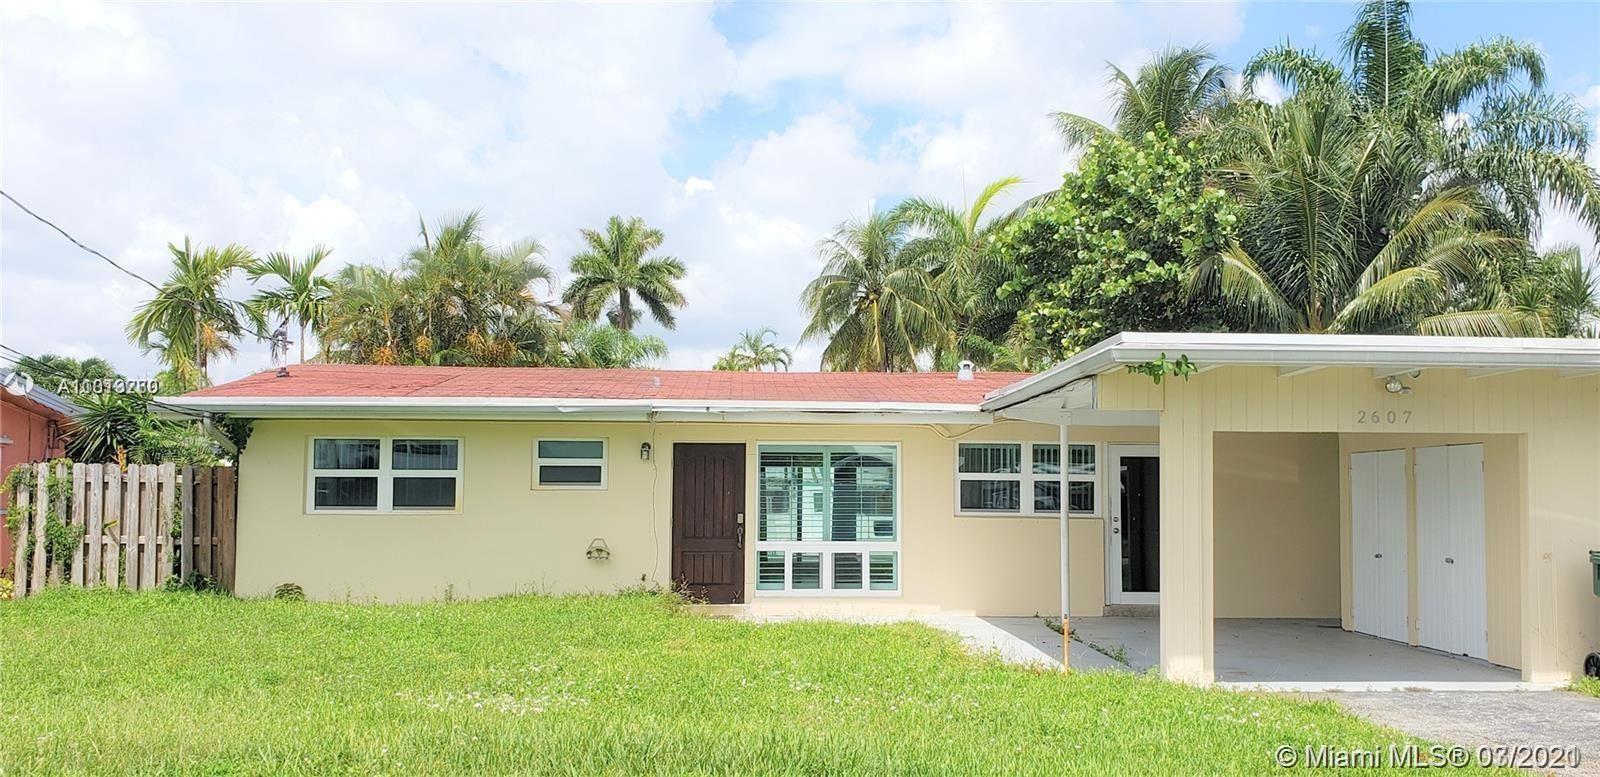 2607 Flamingo Ln, Fort Lauderdale, FL 33312 - #: A11013260